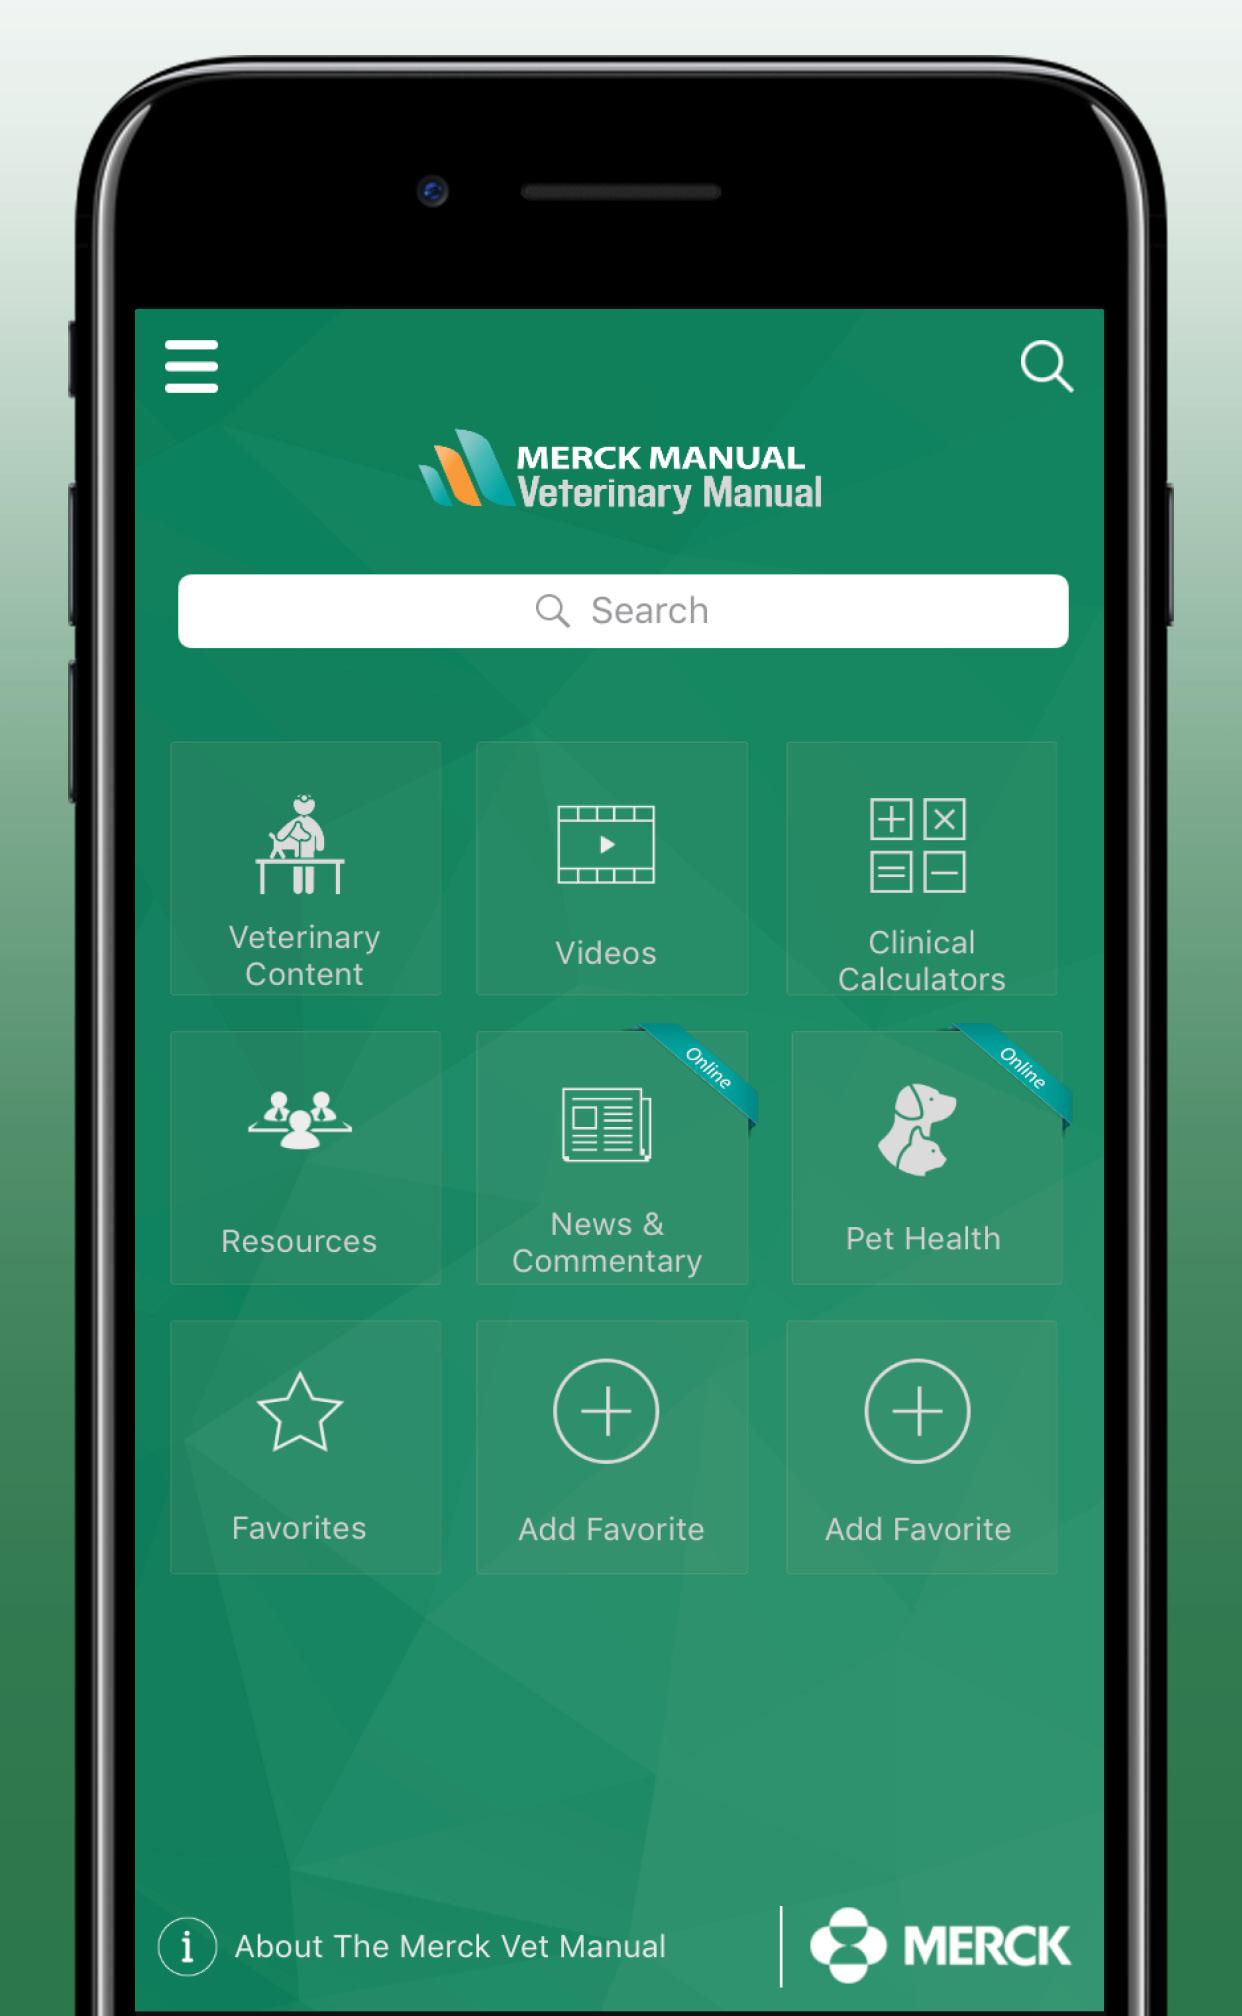 Merck Vet Manual App